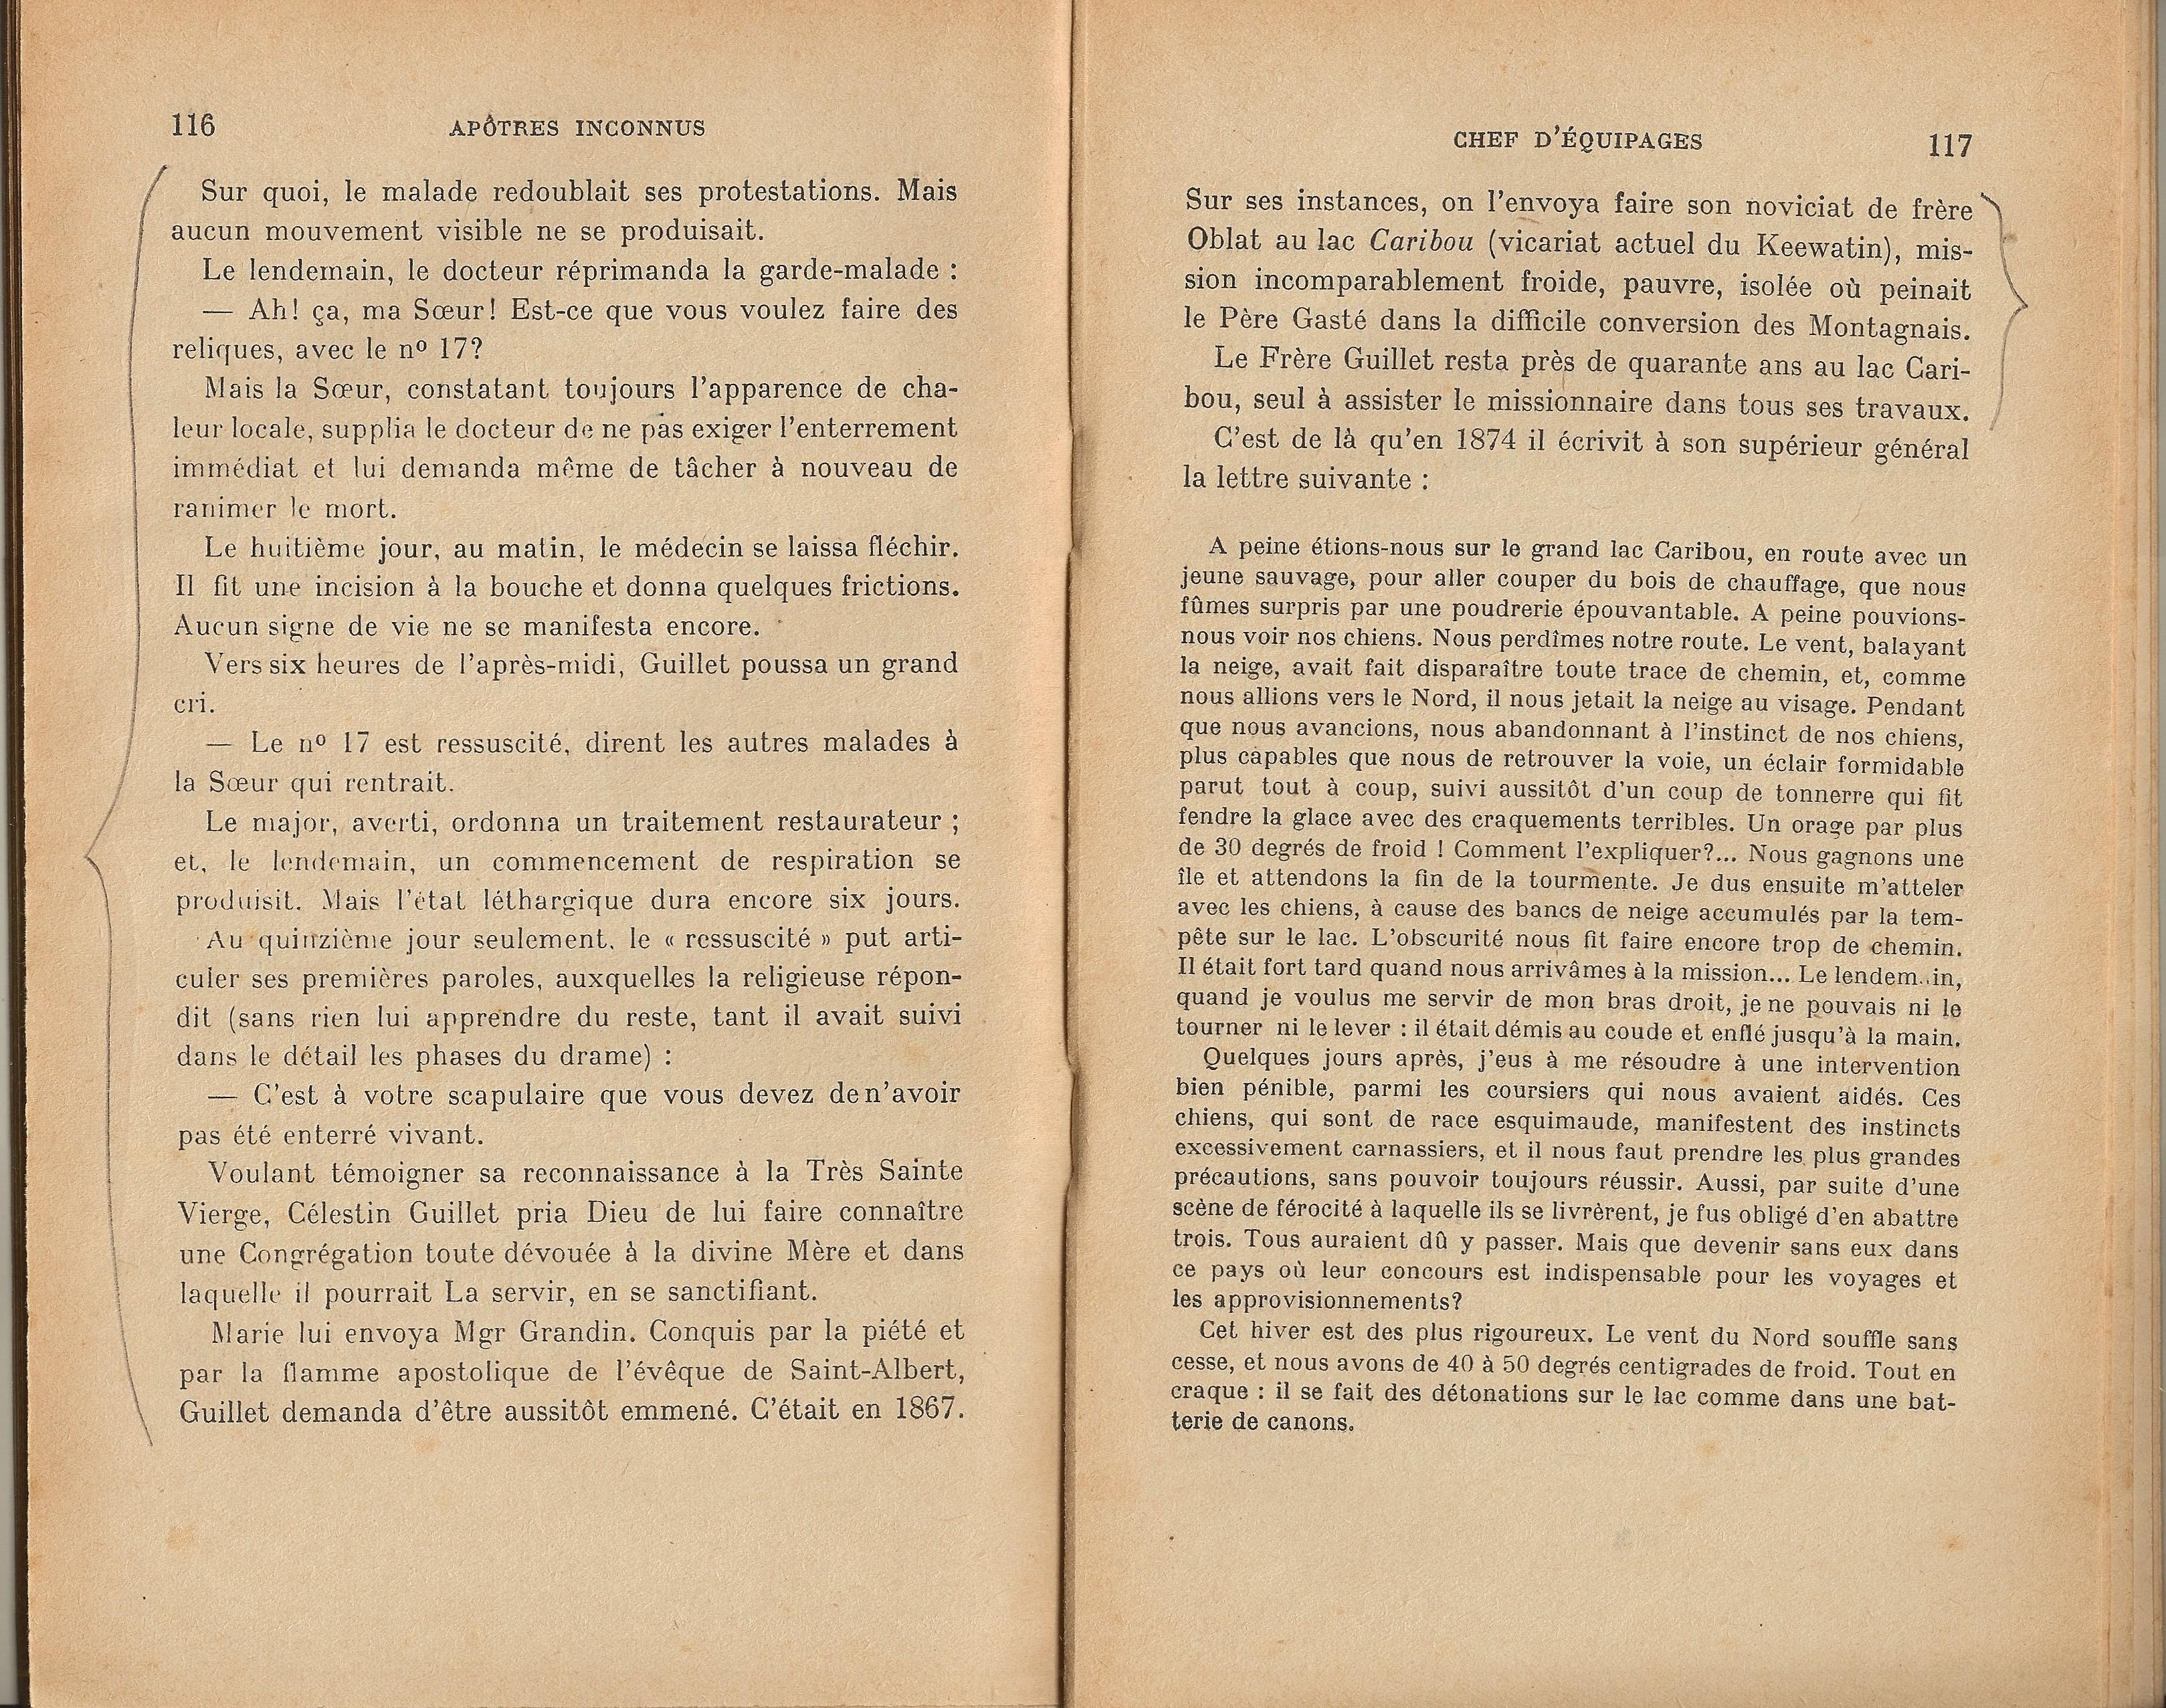 Paroles de Vie - Page 8 Ap-tres-inconnus-...ncs---3--5626d8e